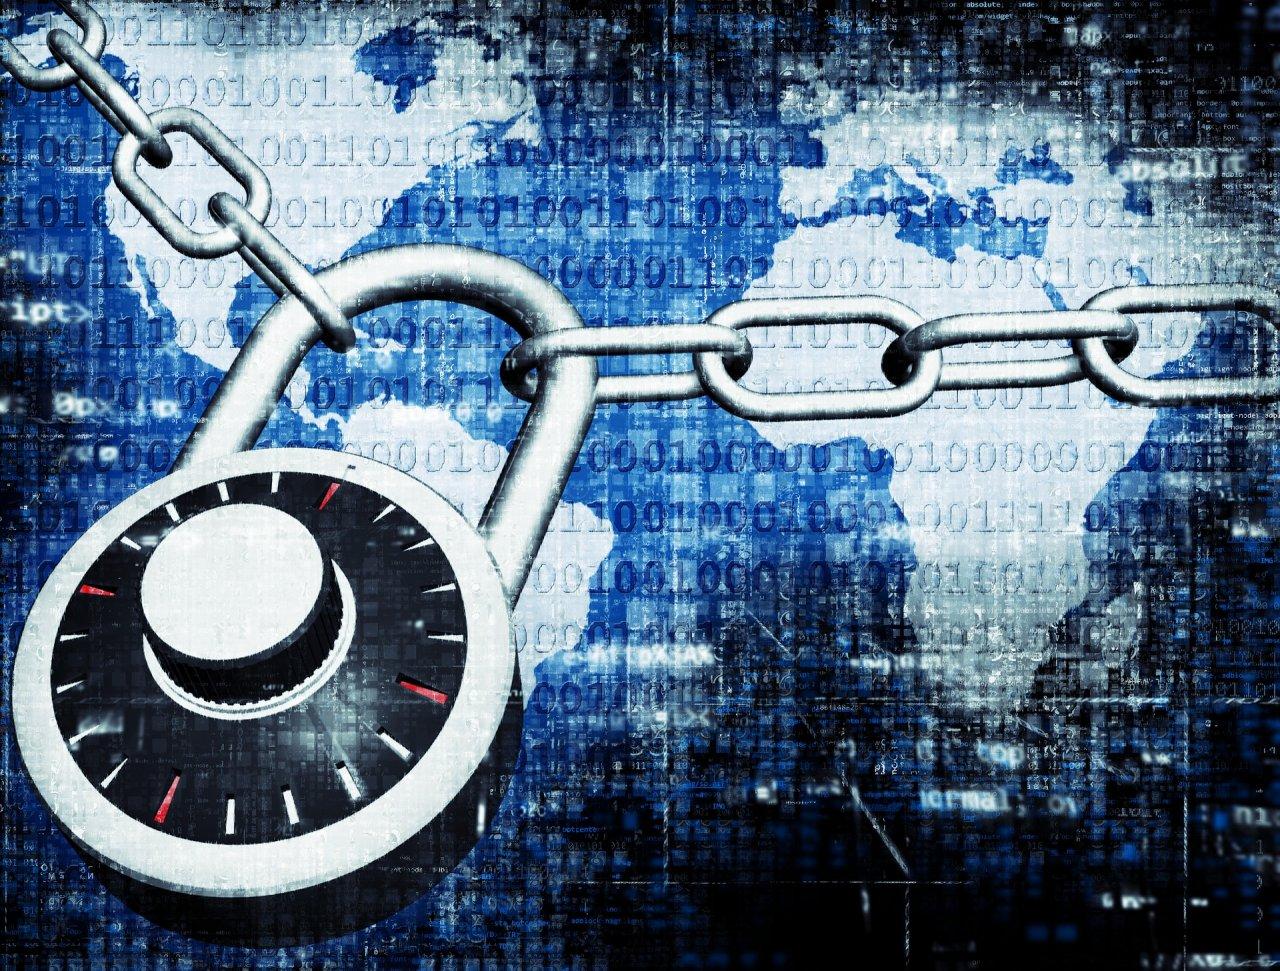 年底前未完成汰換中國資安產品 須報政院核定同意使用